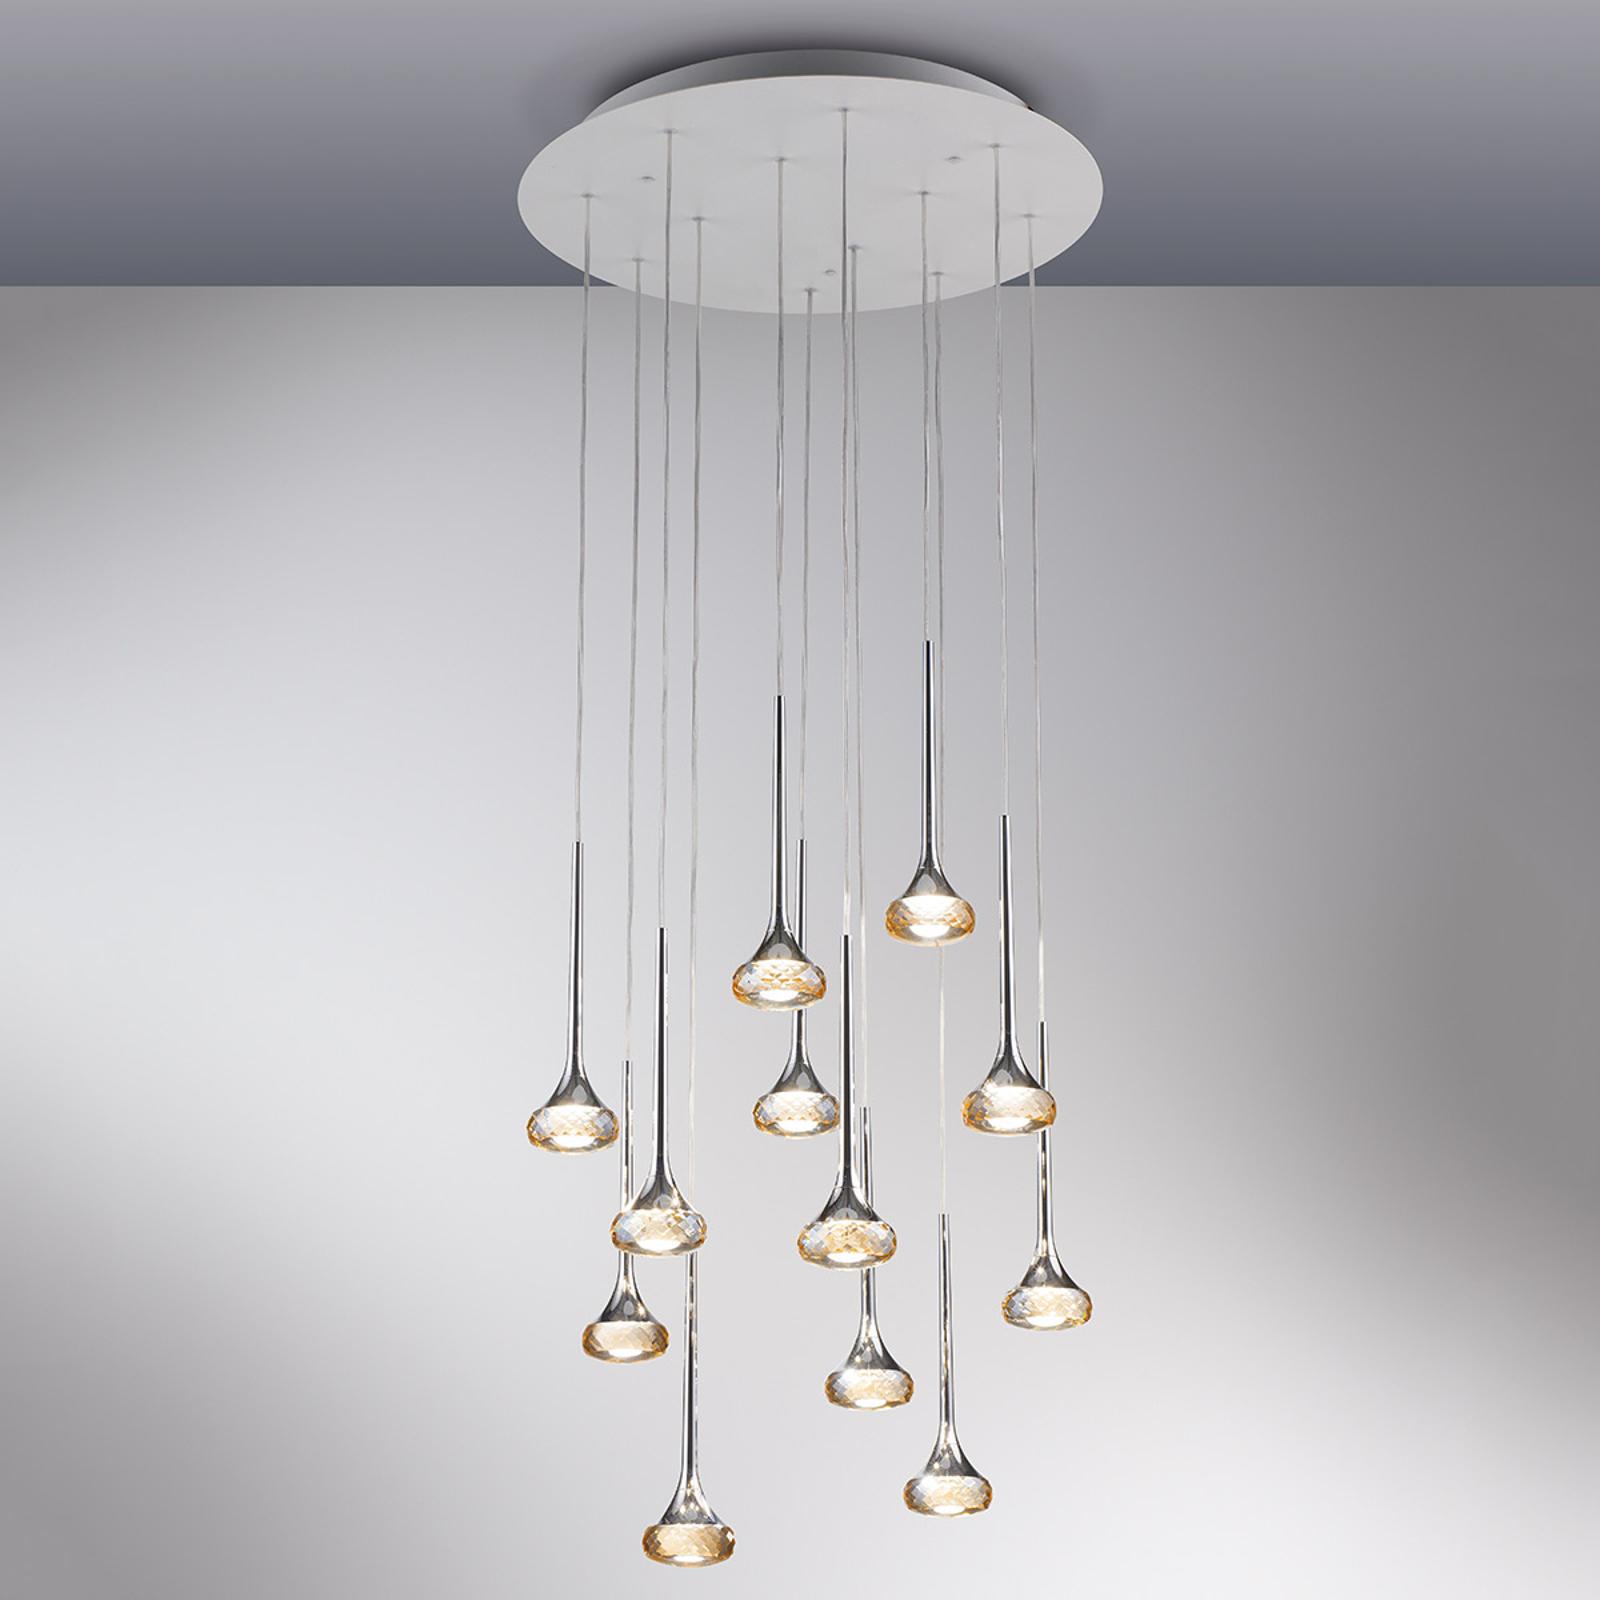 LED-taklampa Fairy med 12 ljuskällor, bärnsten